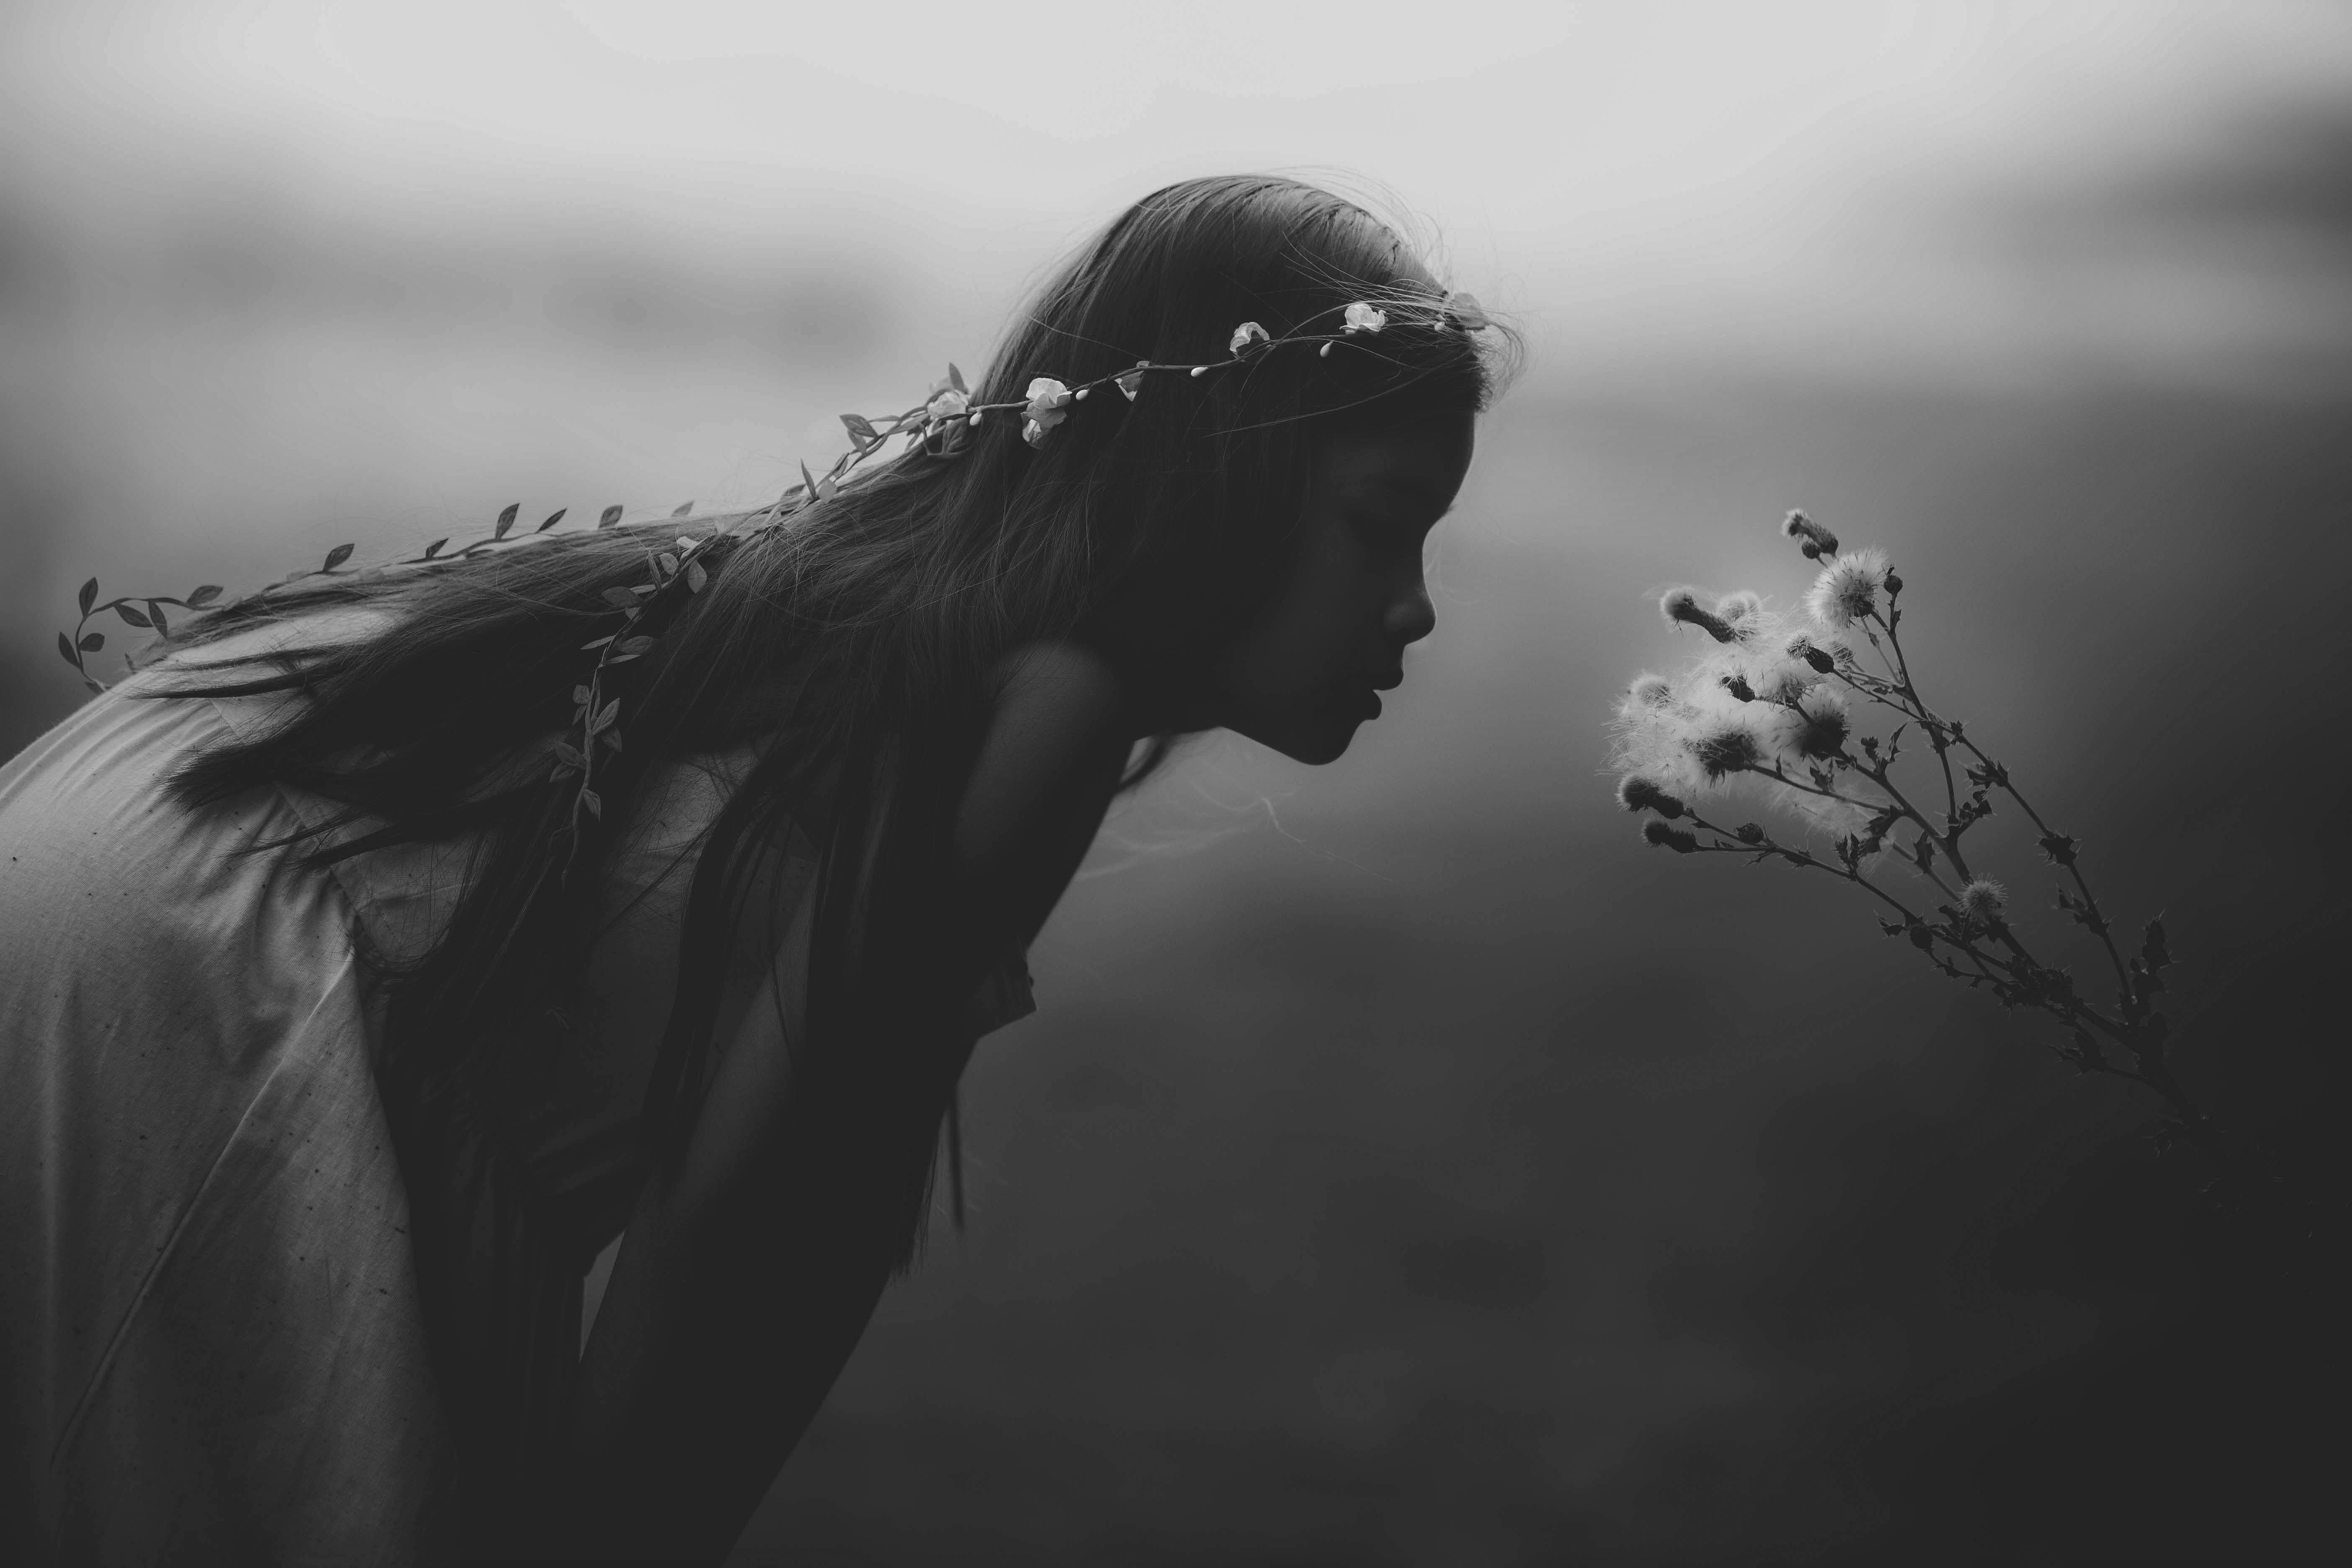 《關係黑洞》不安全感:我越幸福,我越不安 - 失落花園 周慕姿 諮商心理師